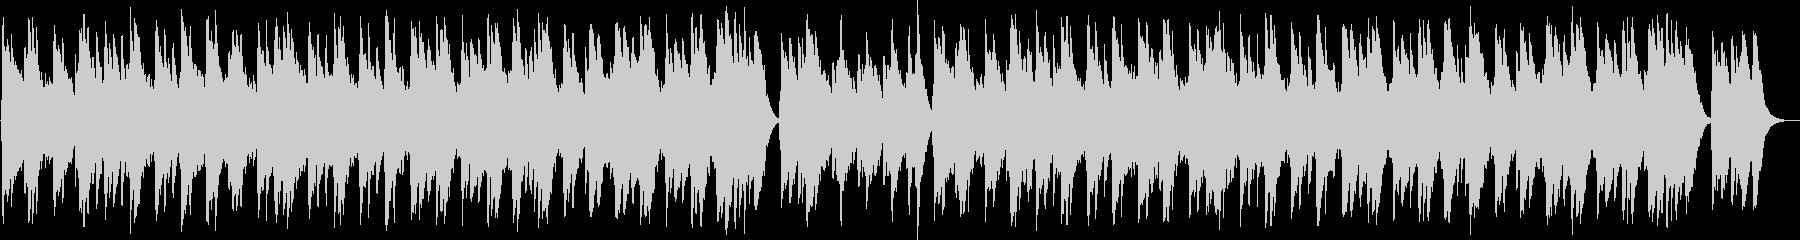 サンタルチア(オルゴール)の未再生の波形